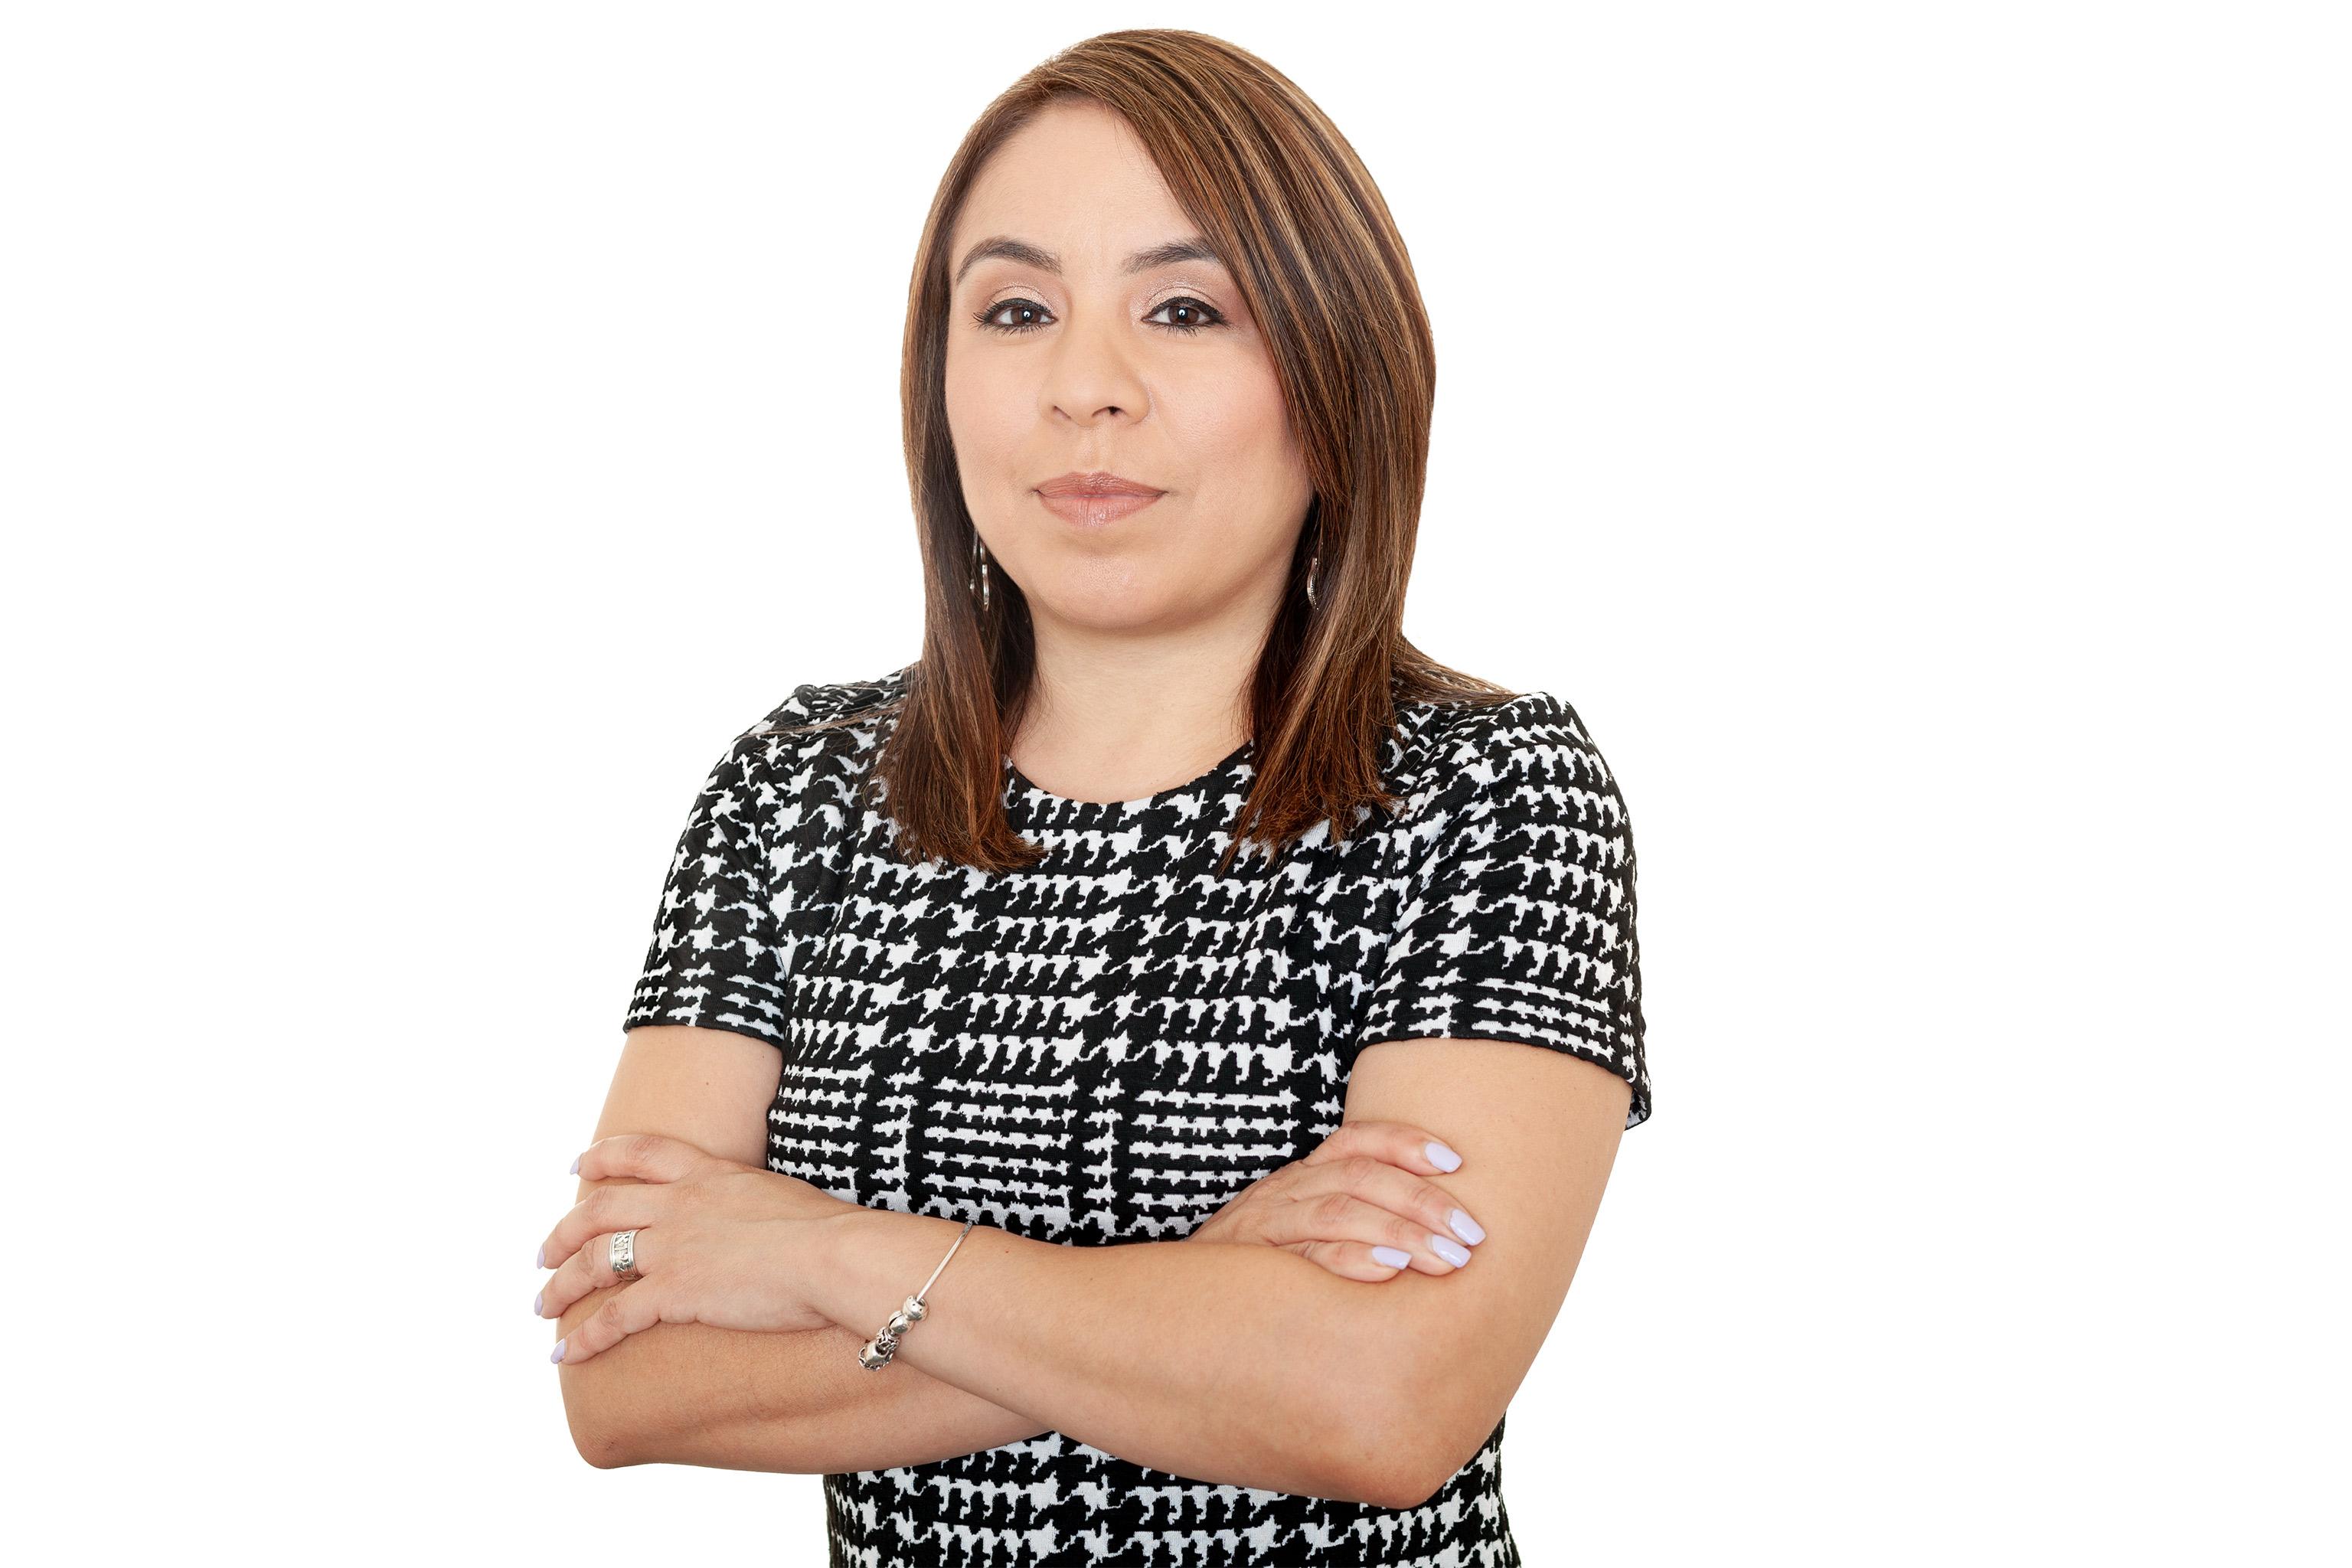 Brenda 2018